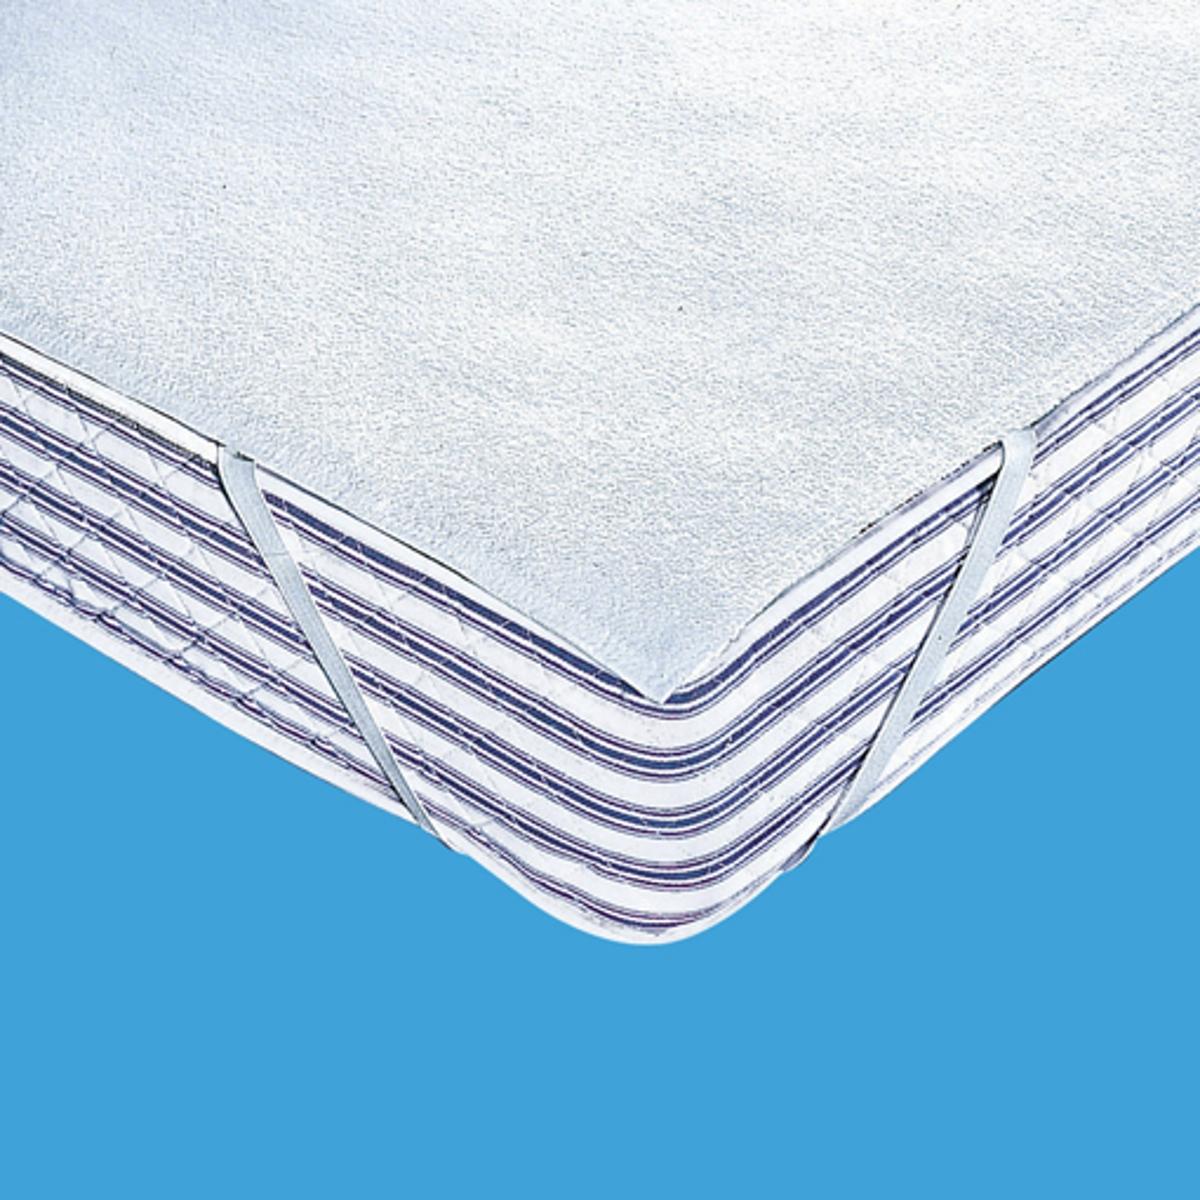 Чехол защитный для матраса 400г/м? из махровой ткани с непромокаемым покрытием из ПВХЗащитный чехол в виде простыни из нежной и прочной махровой ткани с завитым ворсом (400г/м?) с непромокаемым покрытием из ПВХ без содержания фталатов с пропиткой Sanitized против бактерий и плесени .Эластичный чехол легко крепится к матрасу (высота 10-18 см).4 угла на резинках.Доступен размер для детской кроватки. Стирать при температуре до 95°.Качество VALEUR S?RE.<br><br>Цвет: белый